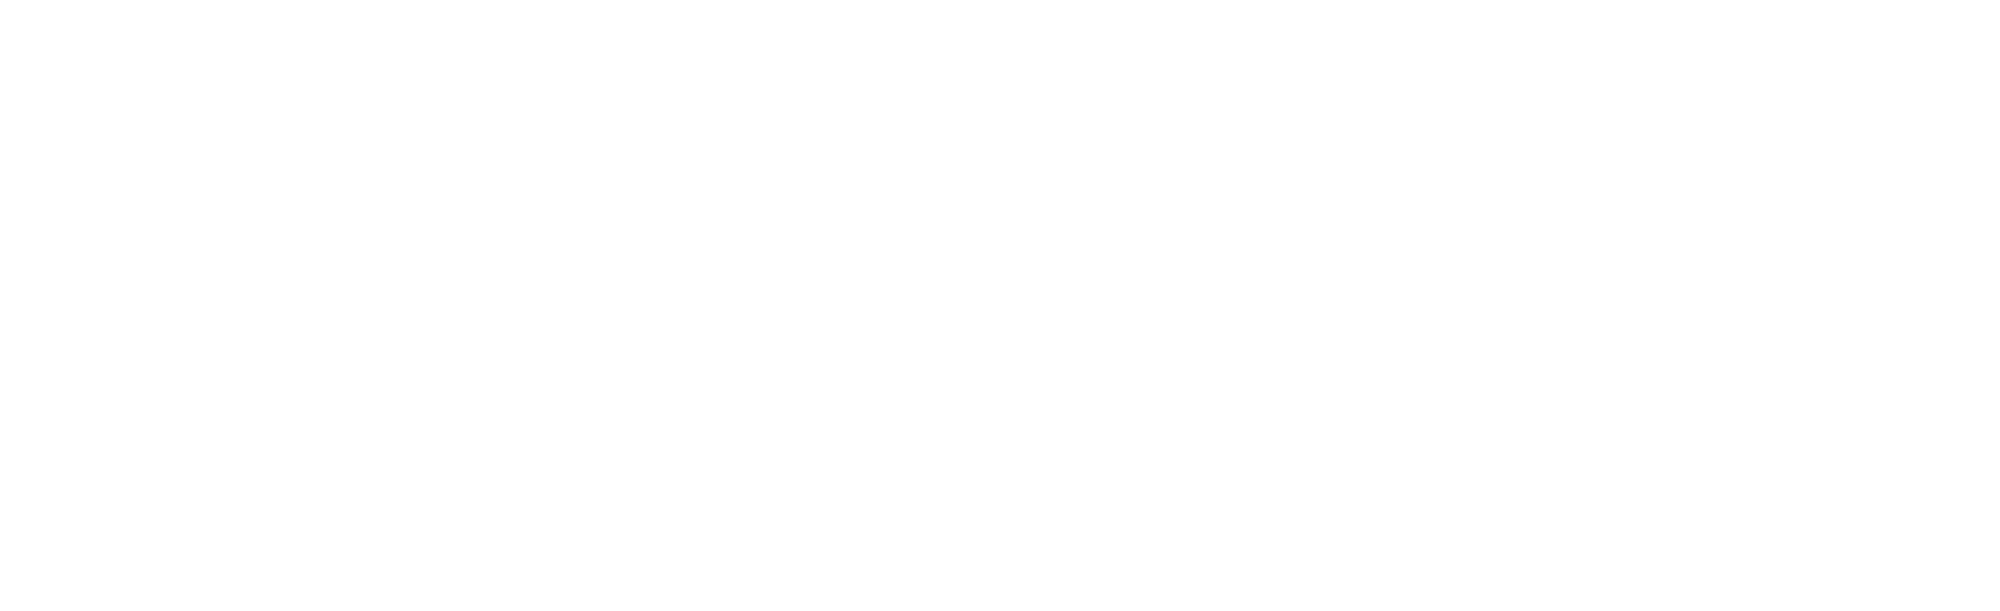 2019 Latvia FAI F9U World Cup Drone Racing